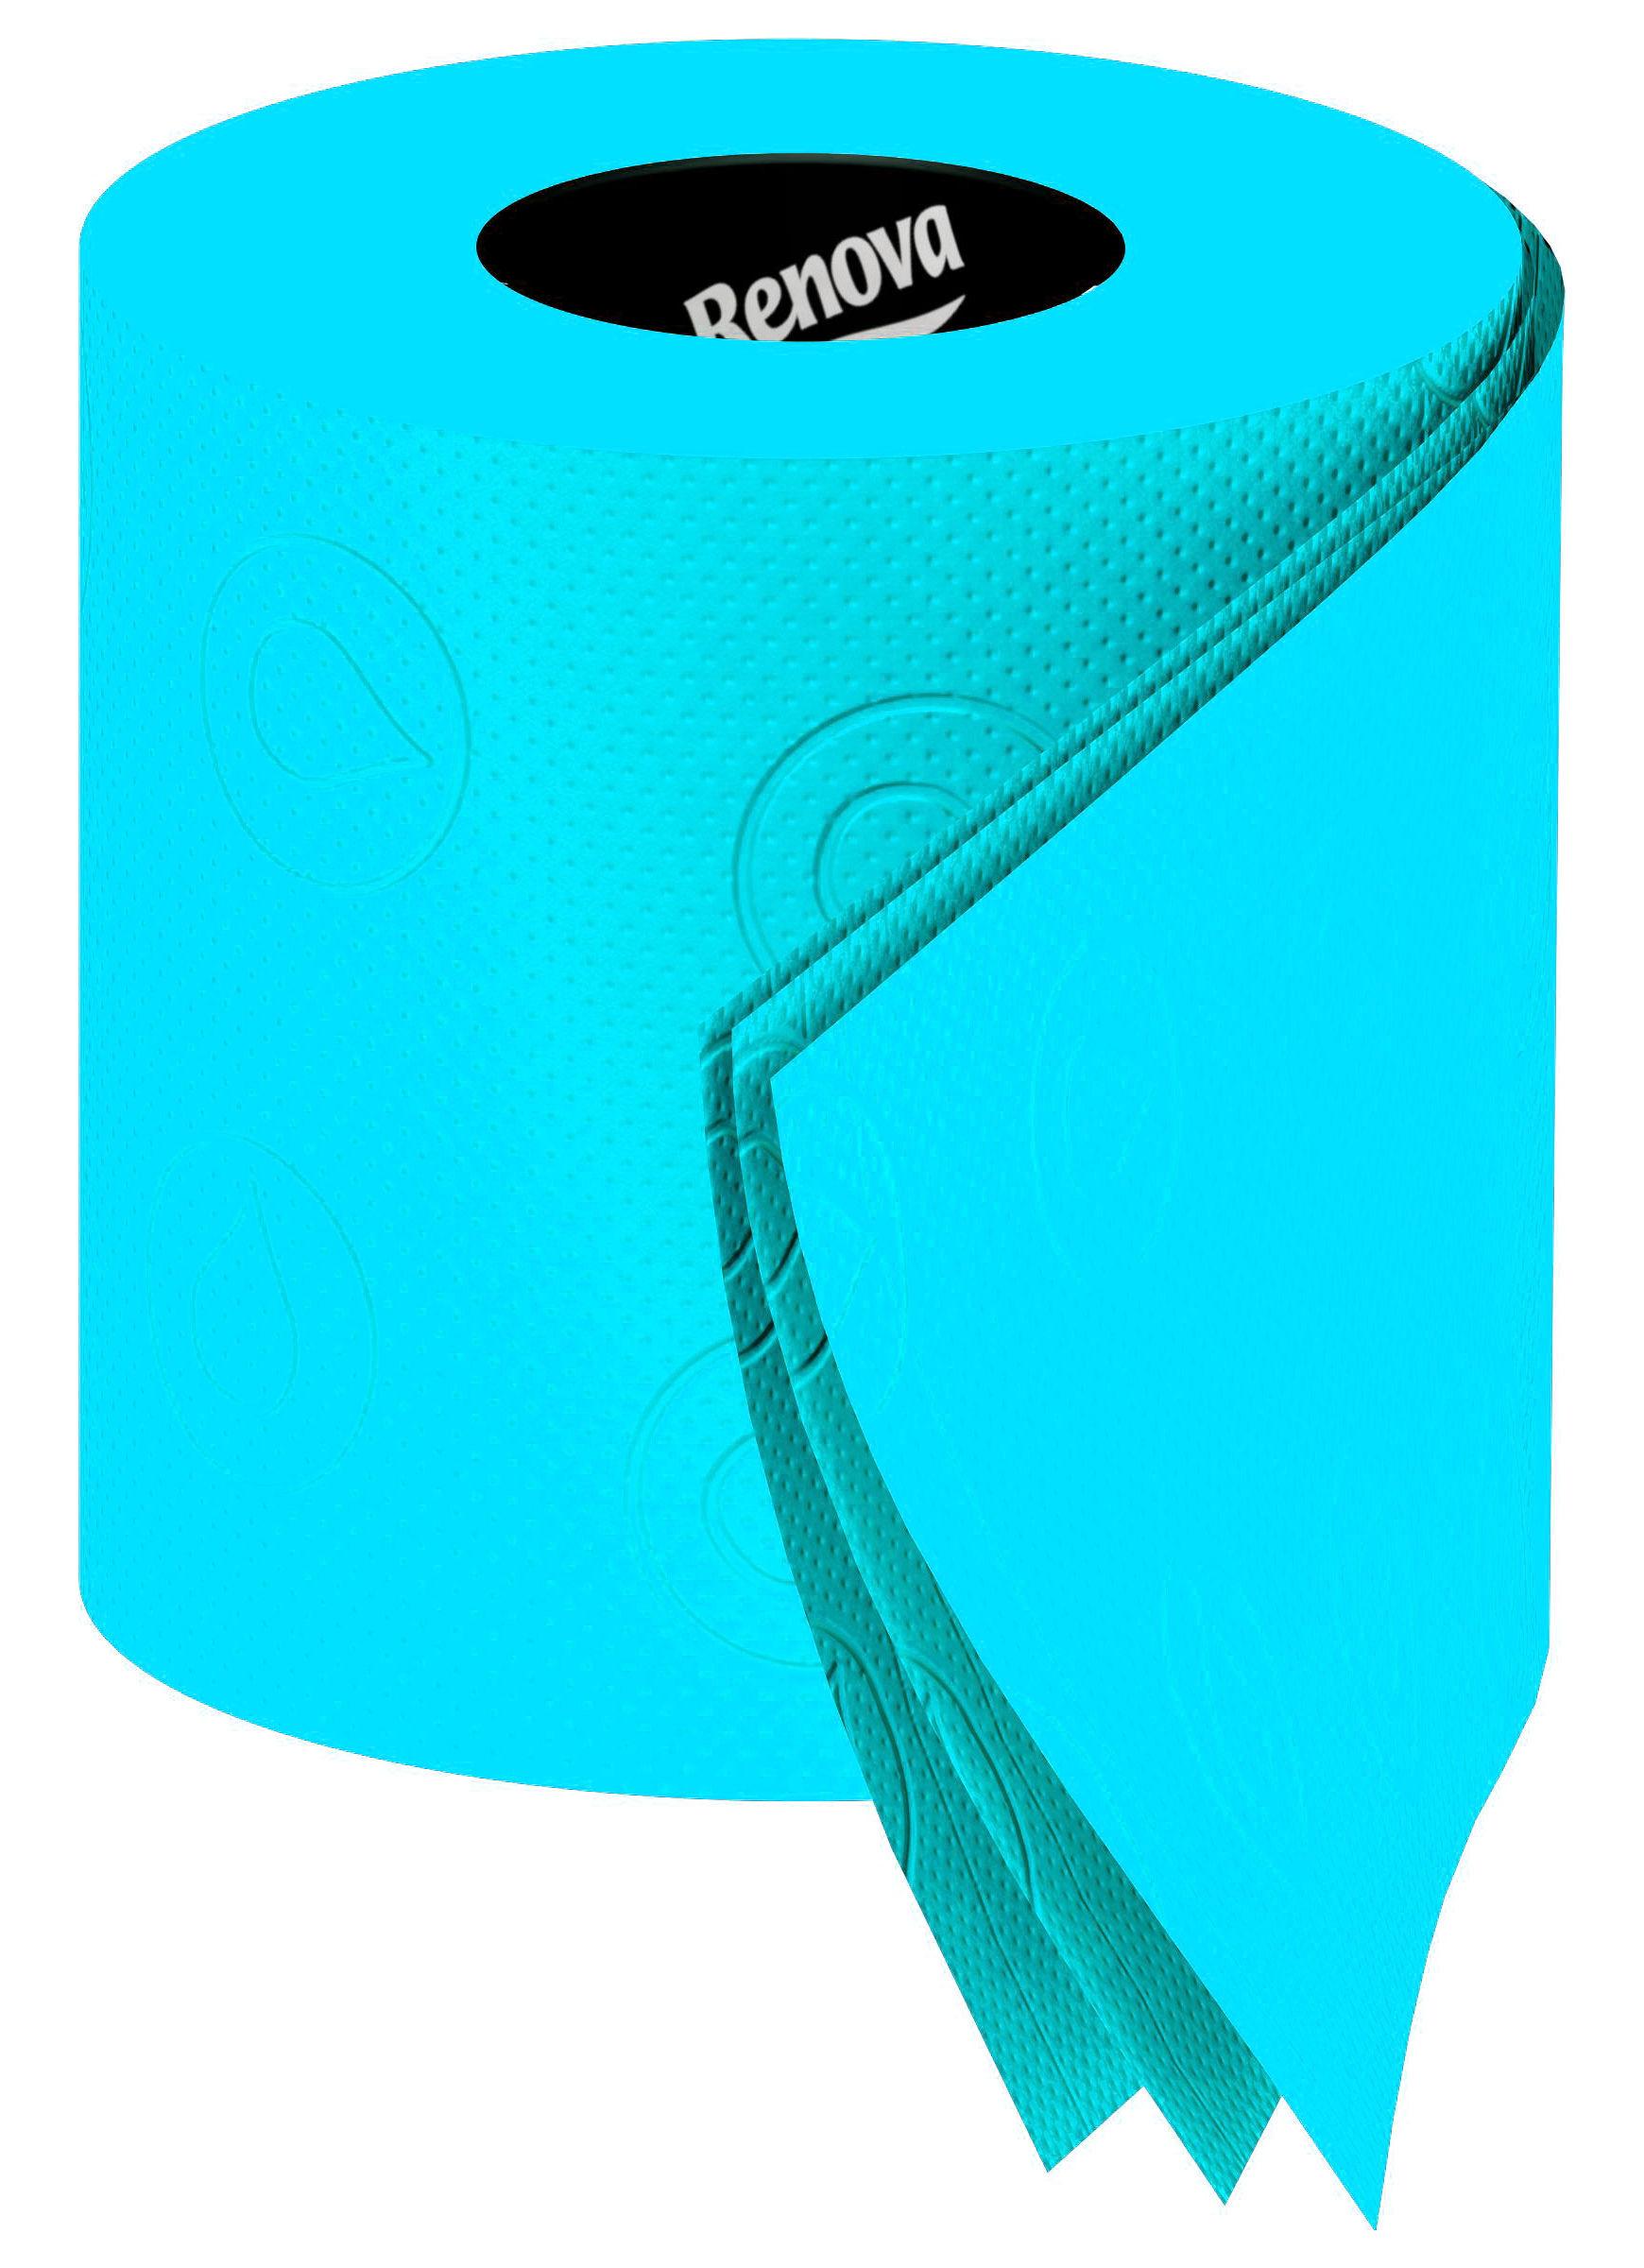 Papier toilette 6 rouleaux turquoise 6 rouleaux renova - Papier toilette colore ...